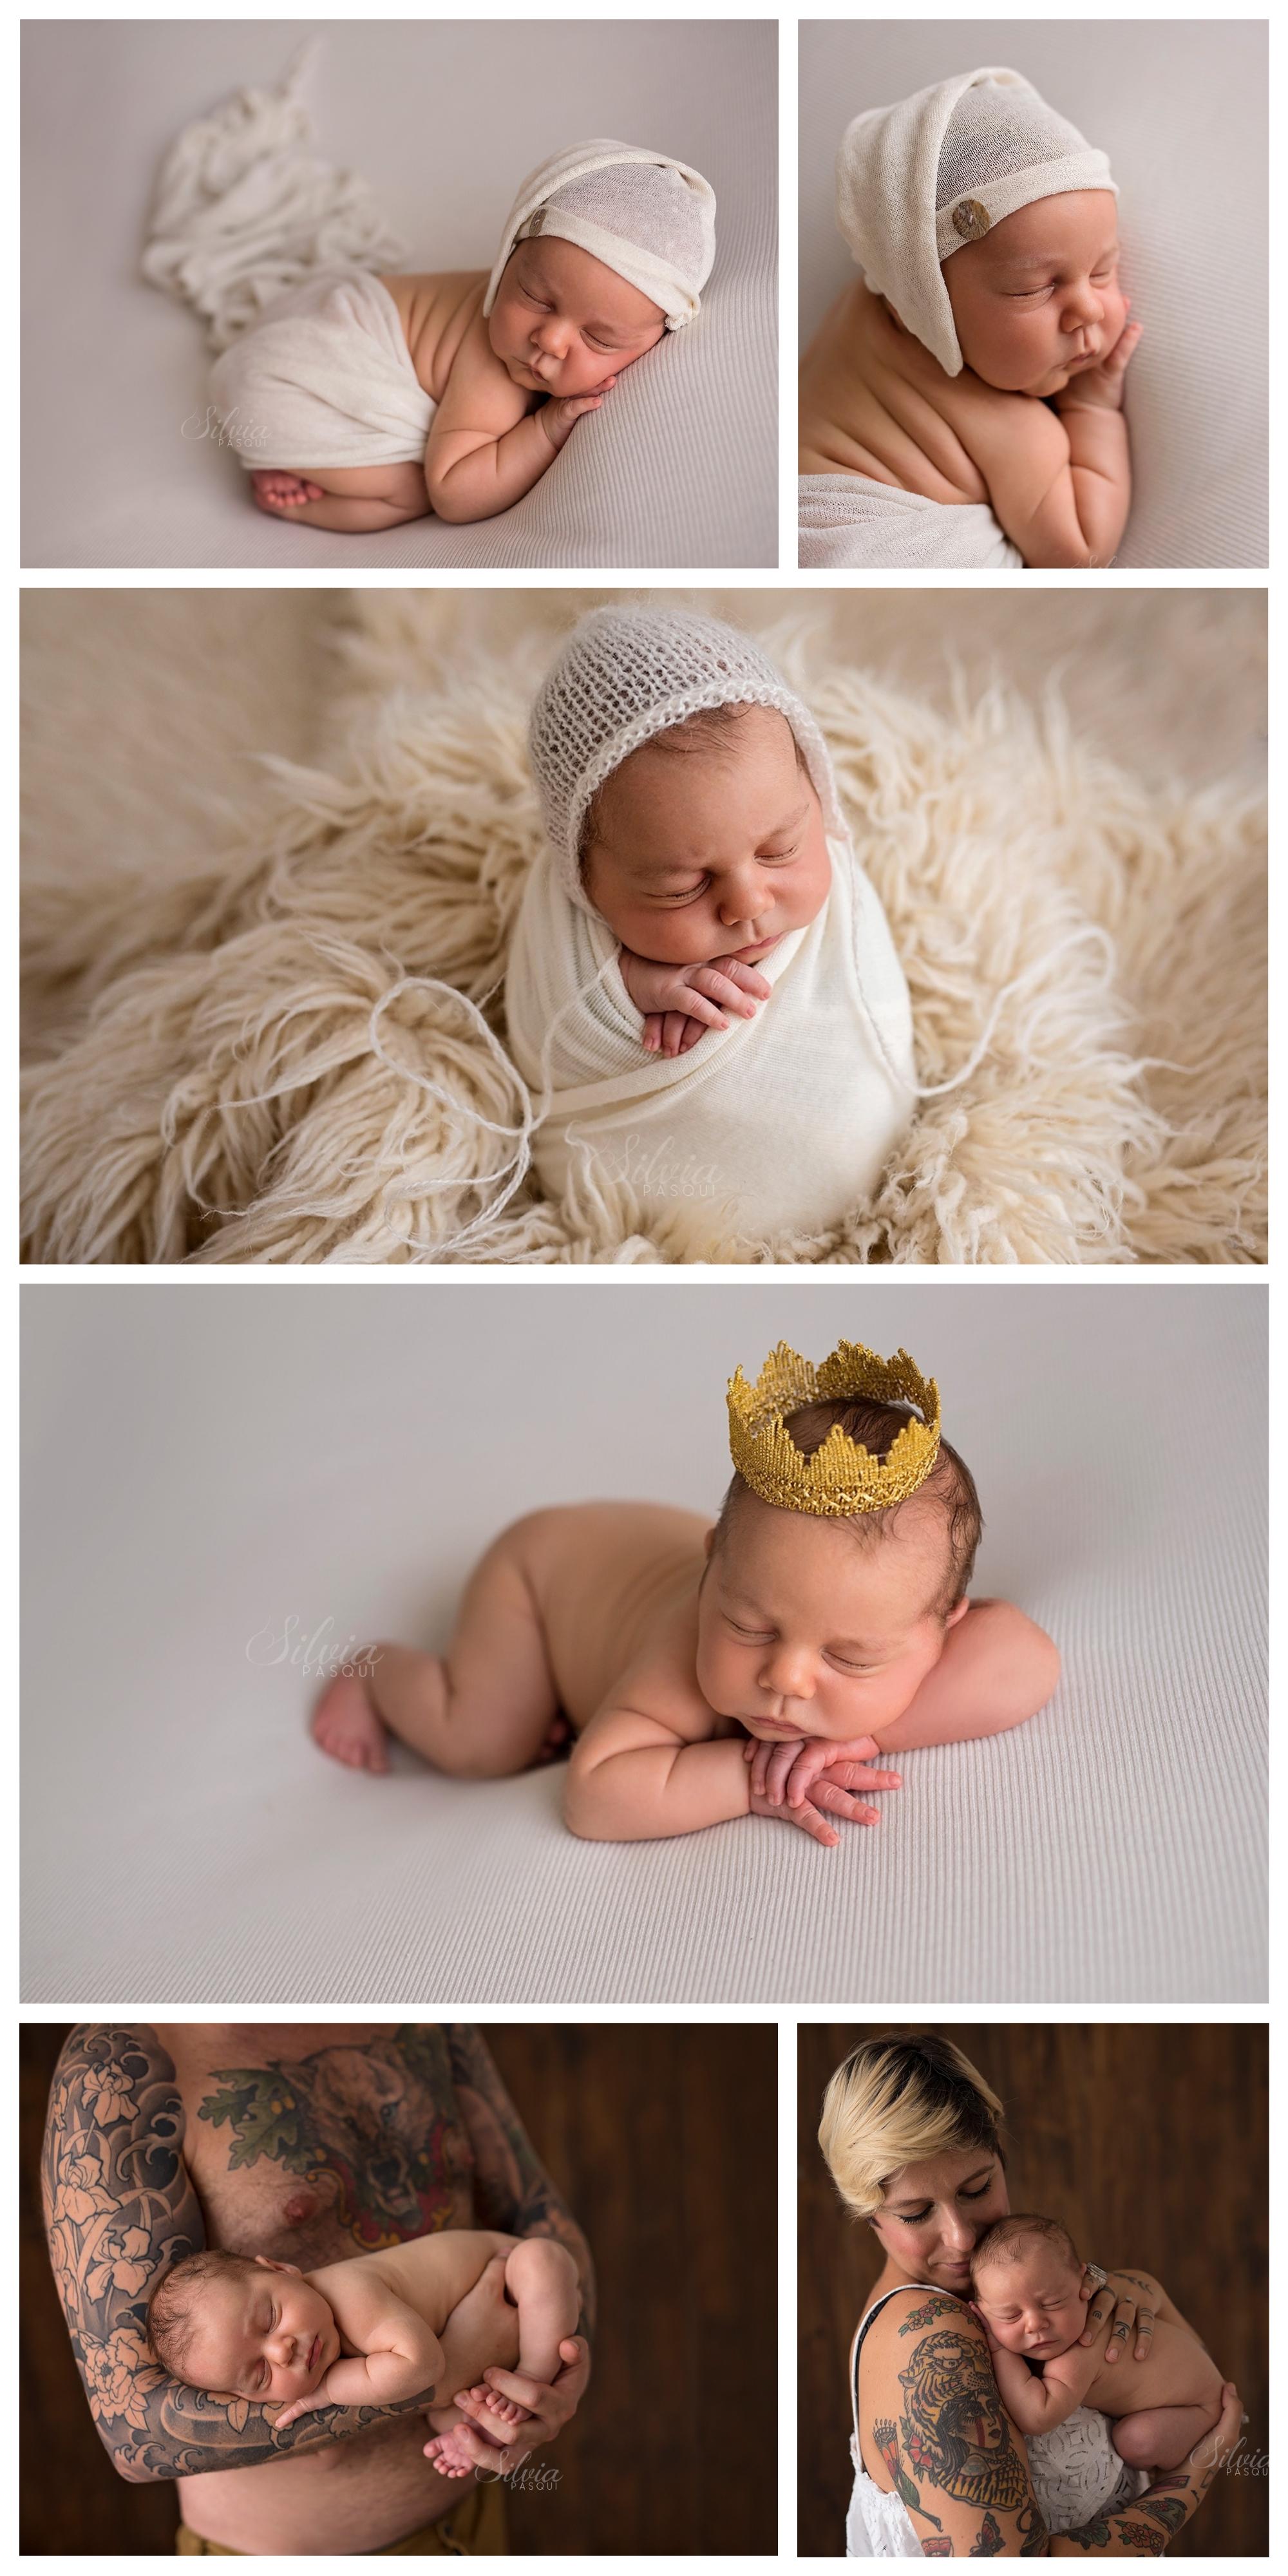 servizi fotografici professionali per neonati